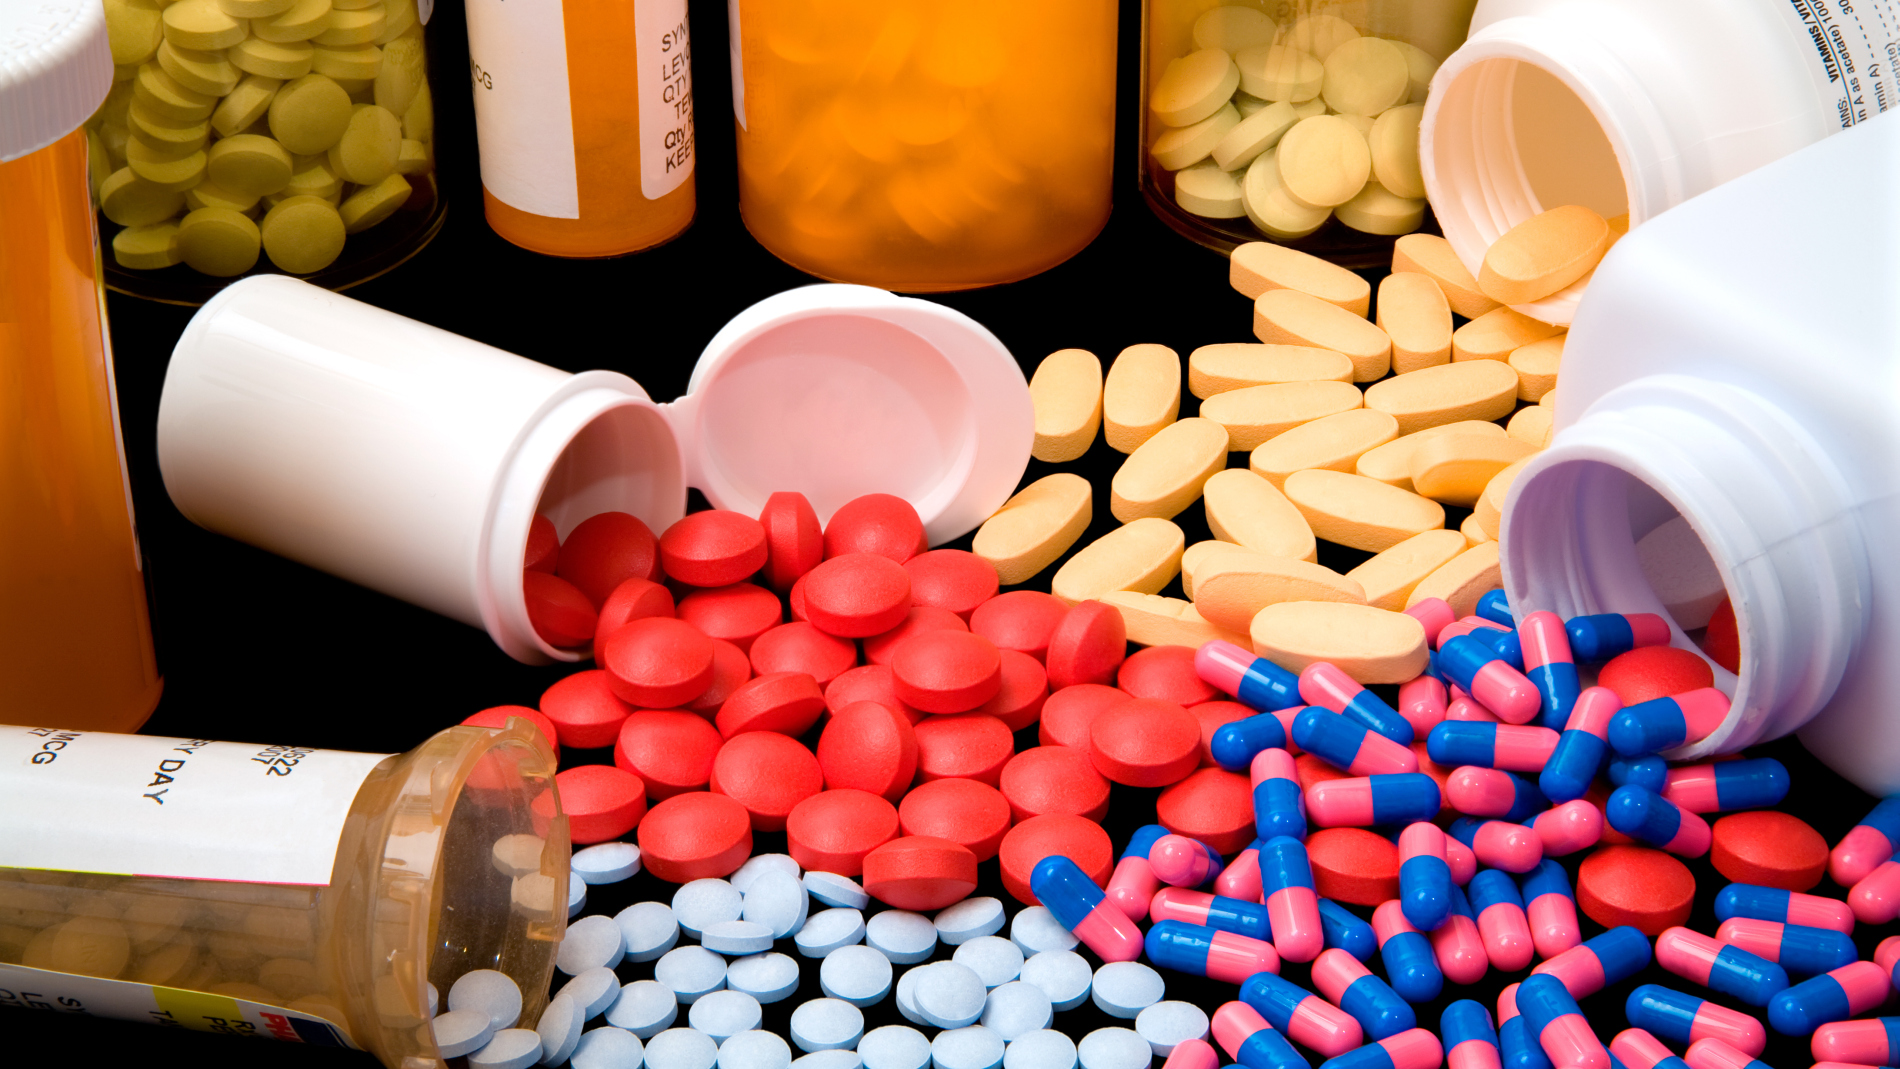 Недорогие таблетки для потенции быстрого действия без рецептов для мужчин